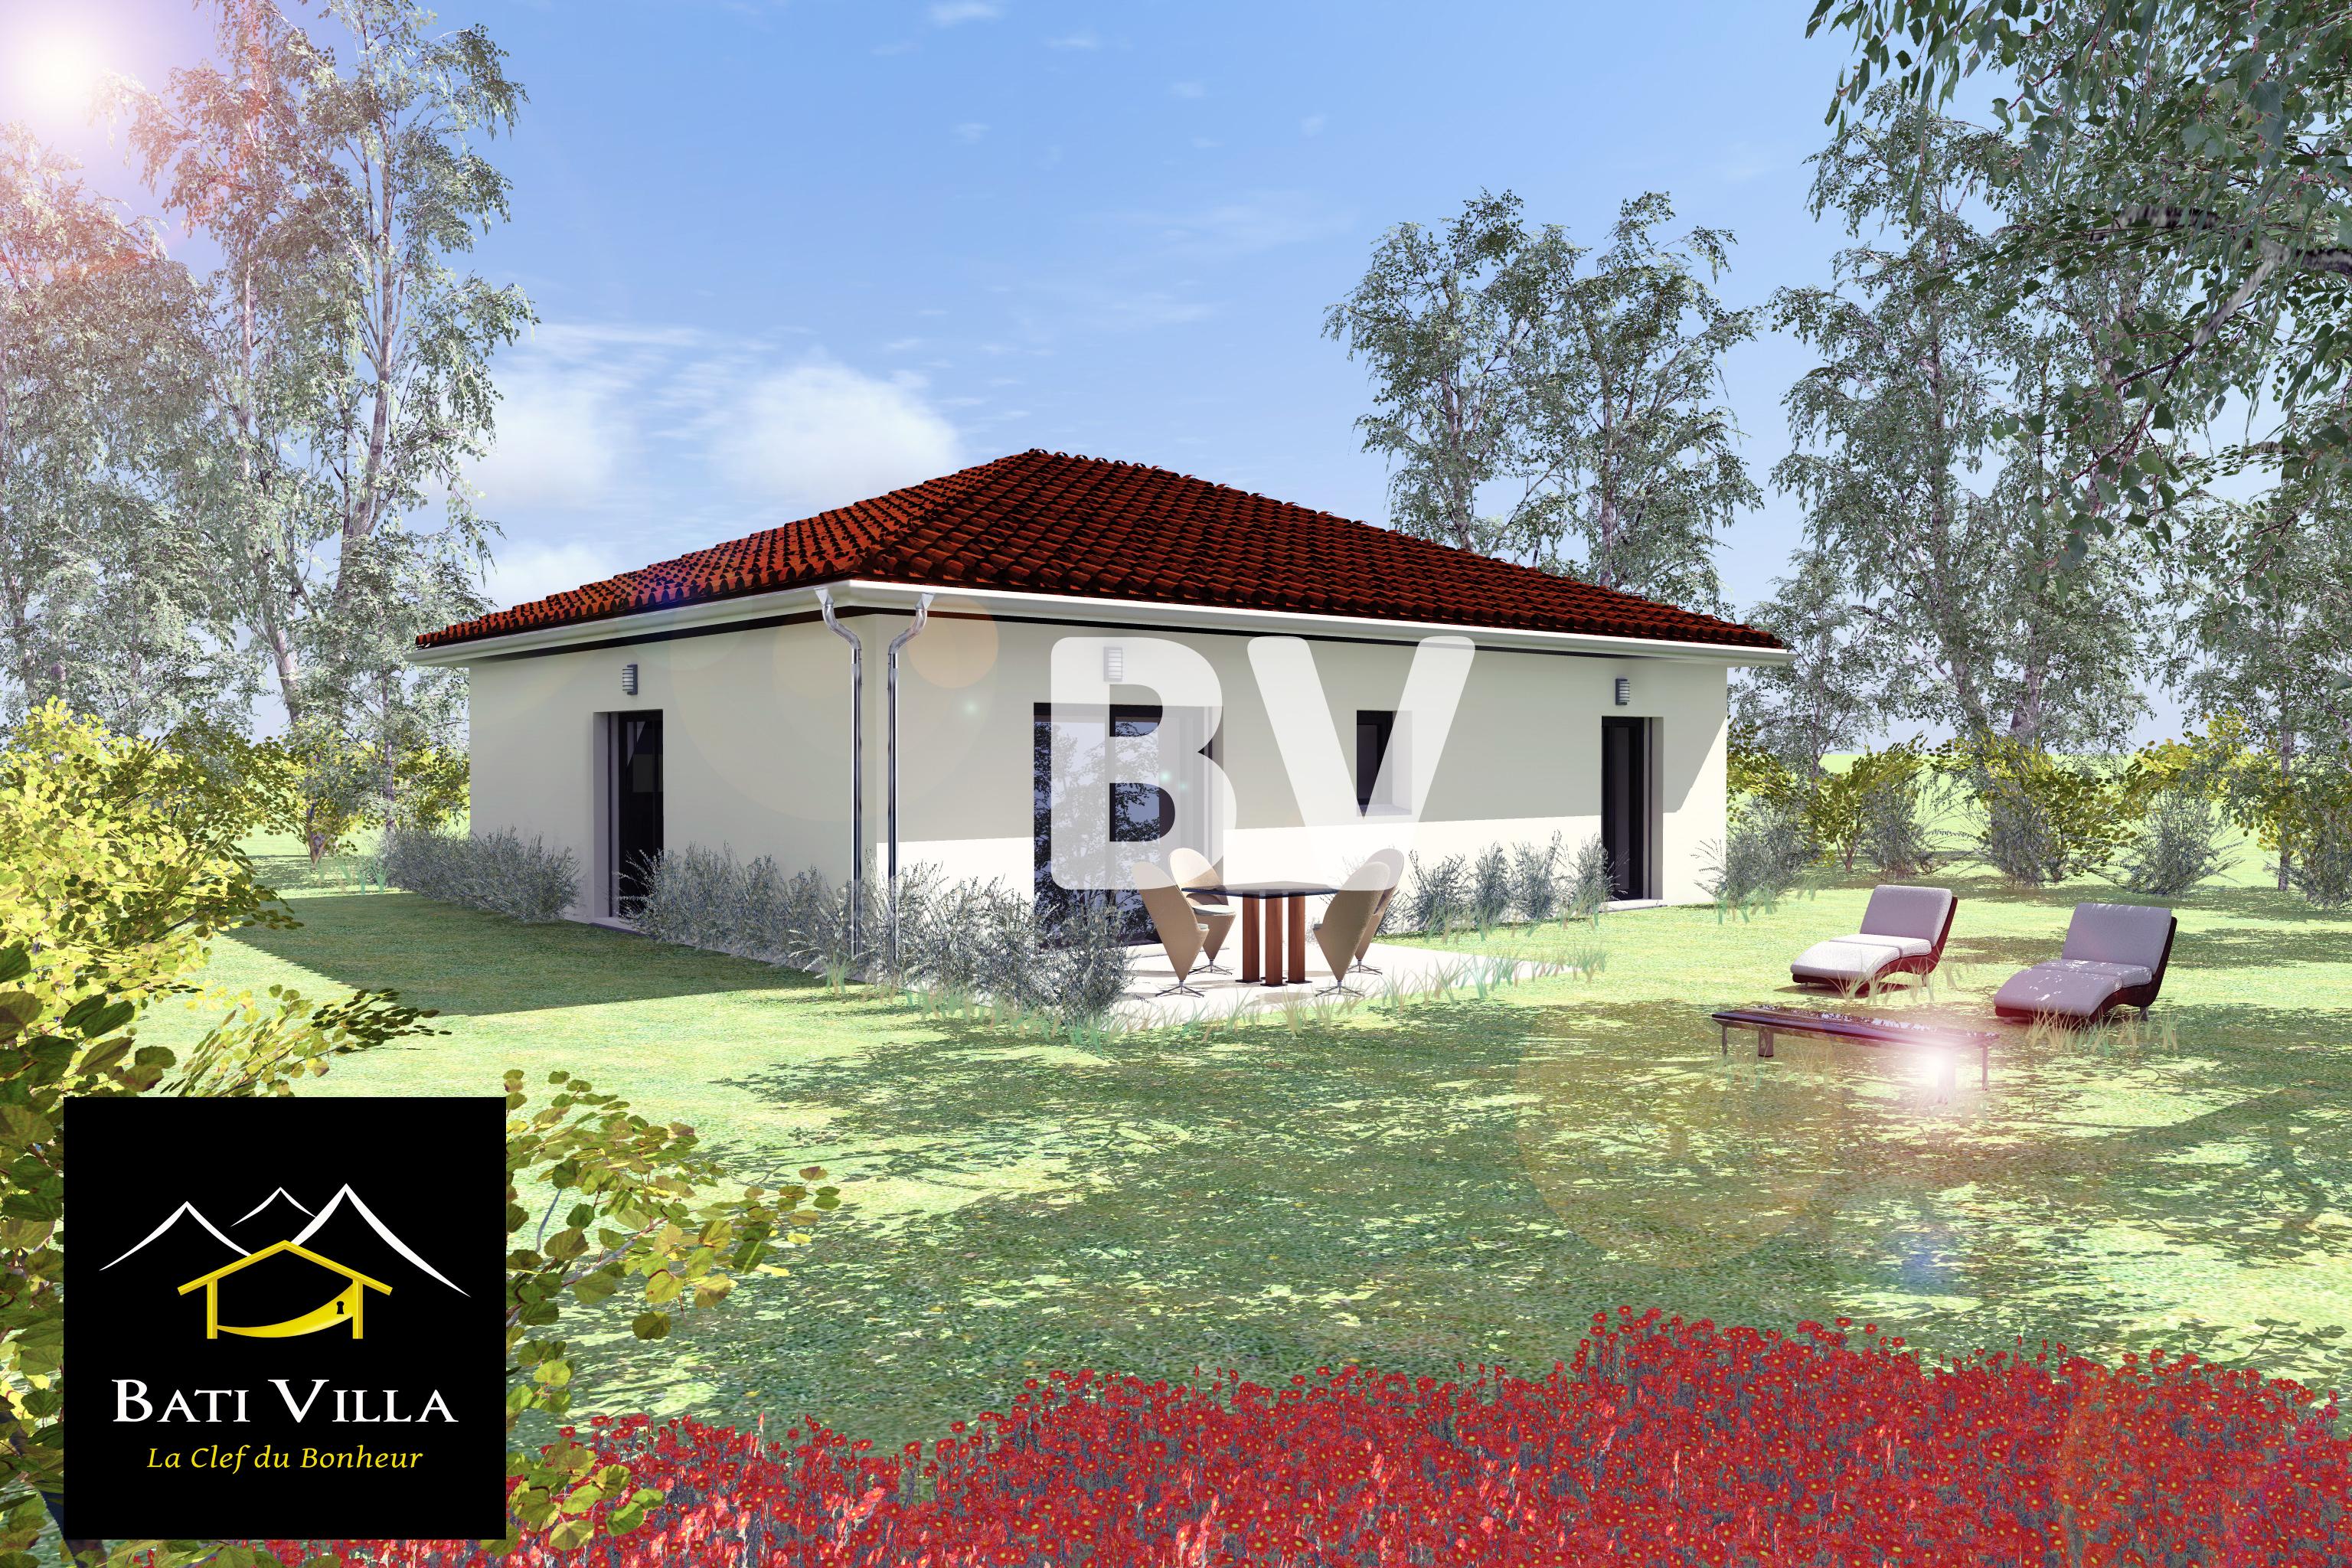 Maisons + Terrains du constructeur BATIVILLA SARL A&K • 90 m² • CHATUZANGE LE GOUBET